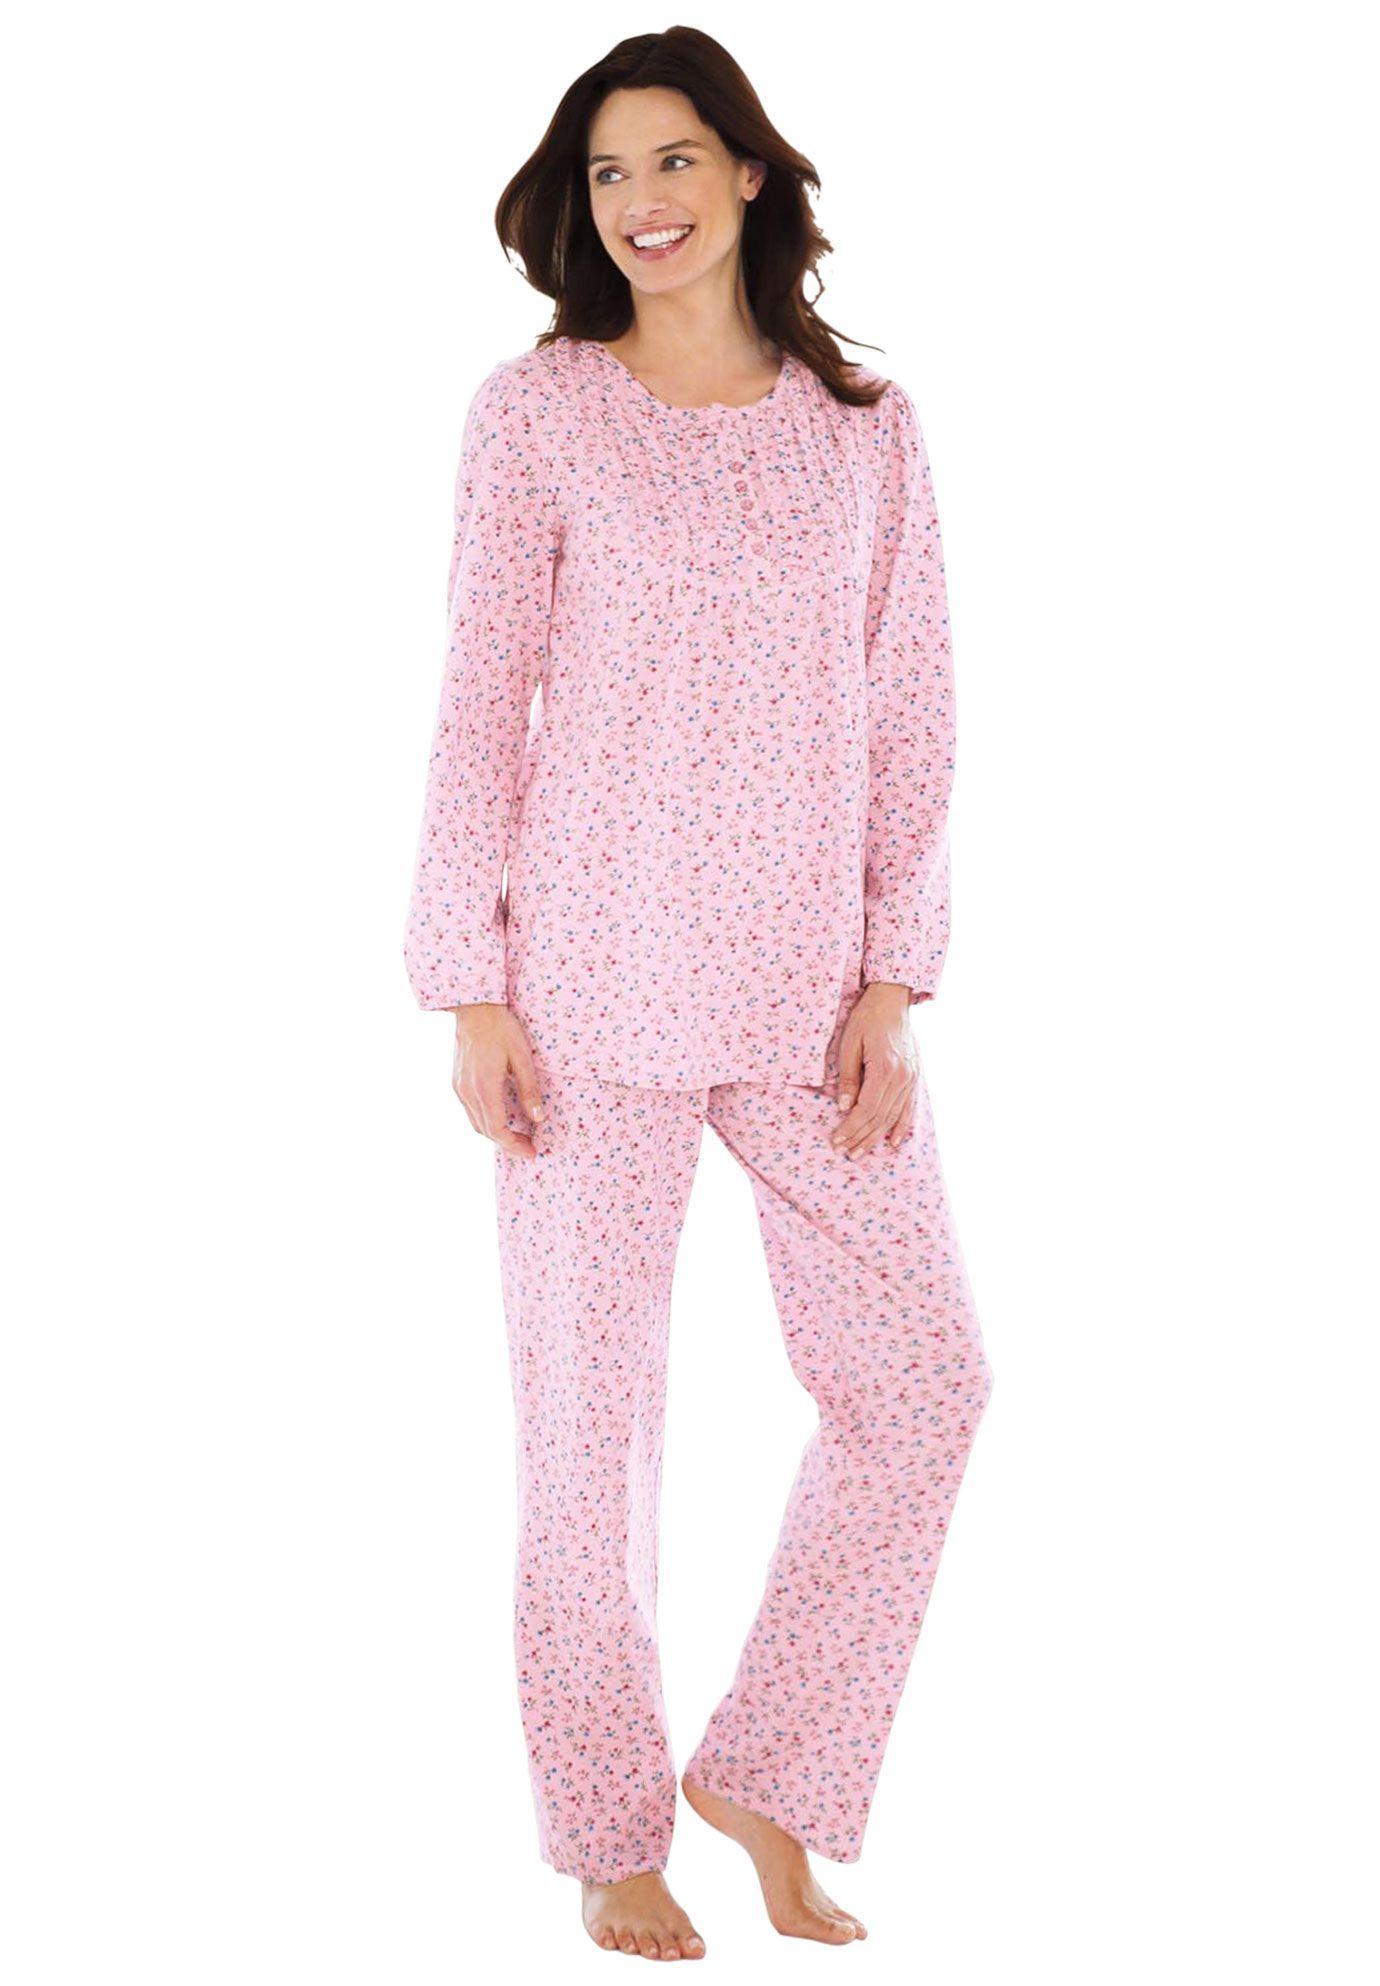 Cotton Knit Ruffled Pajamas By Only Necessitiesa Plus Size Pajamas Trendy Plus Size Fashion Cotton Knit Pajamas